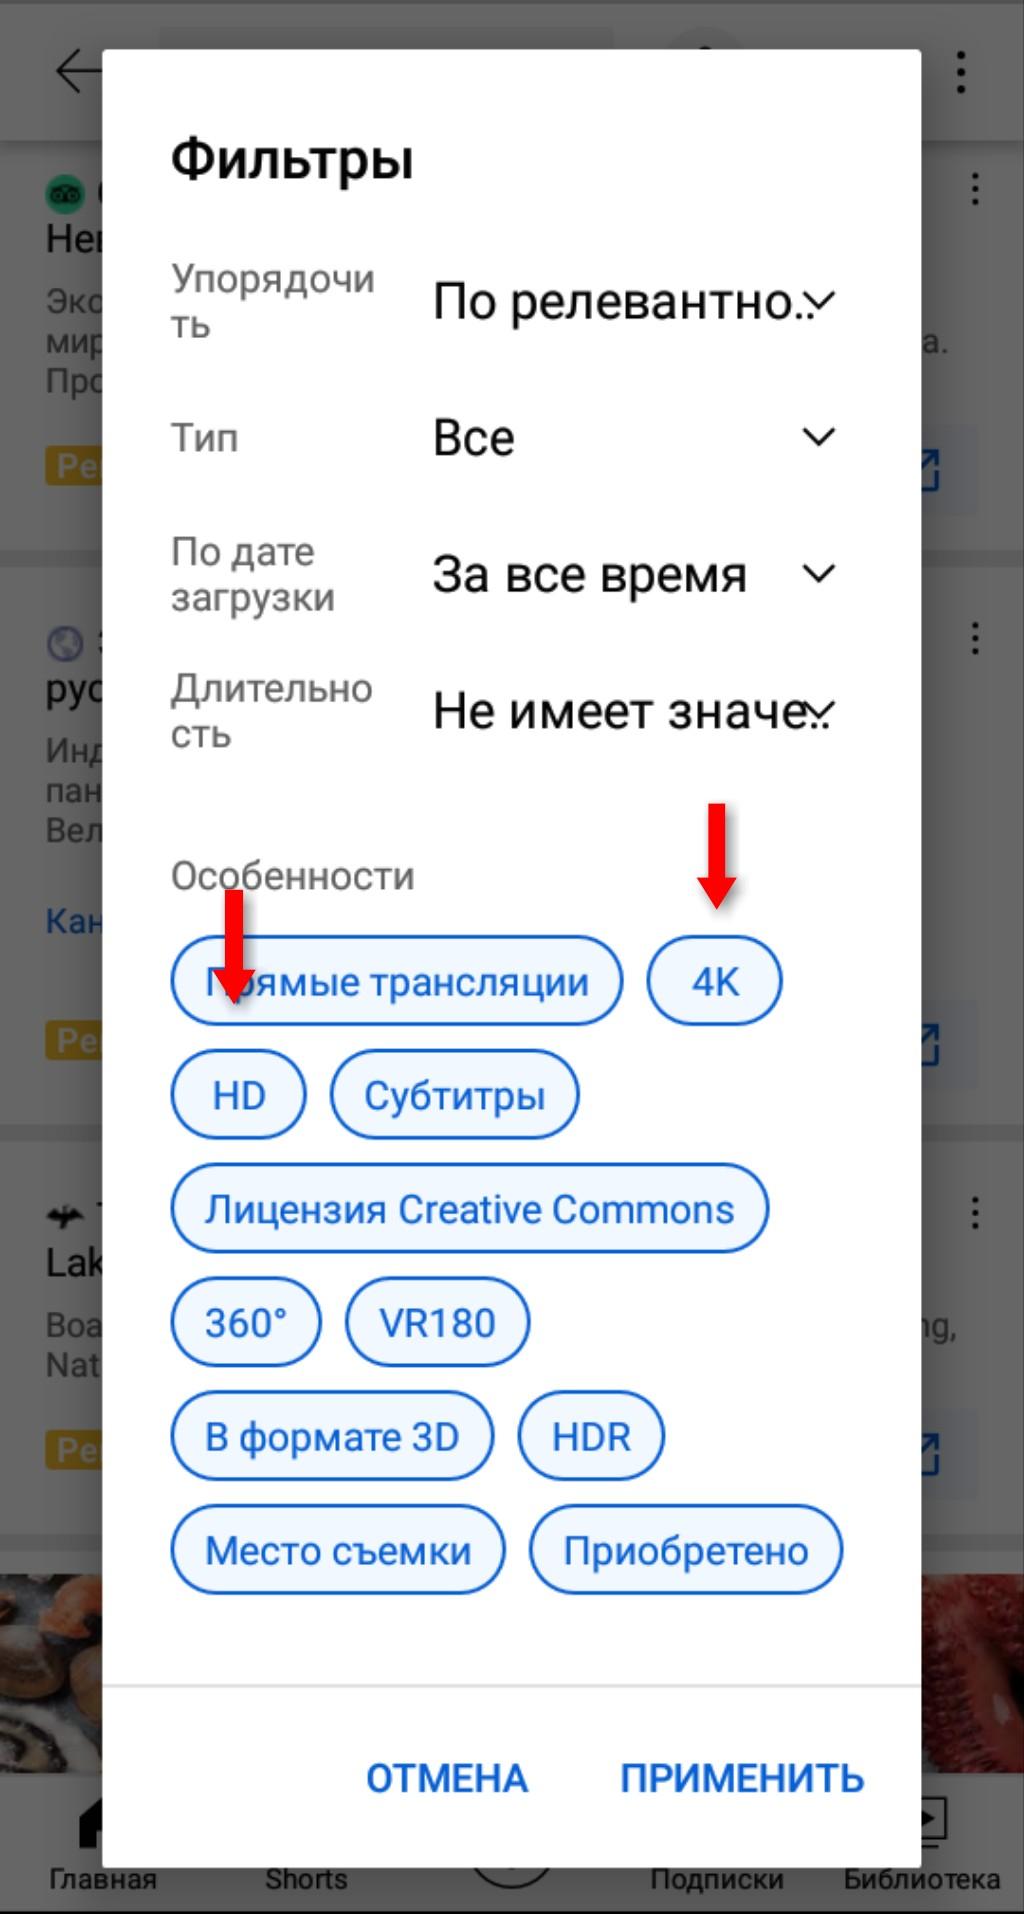 InFrame_1628014985260.jpg